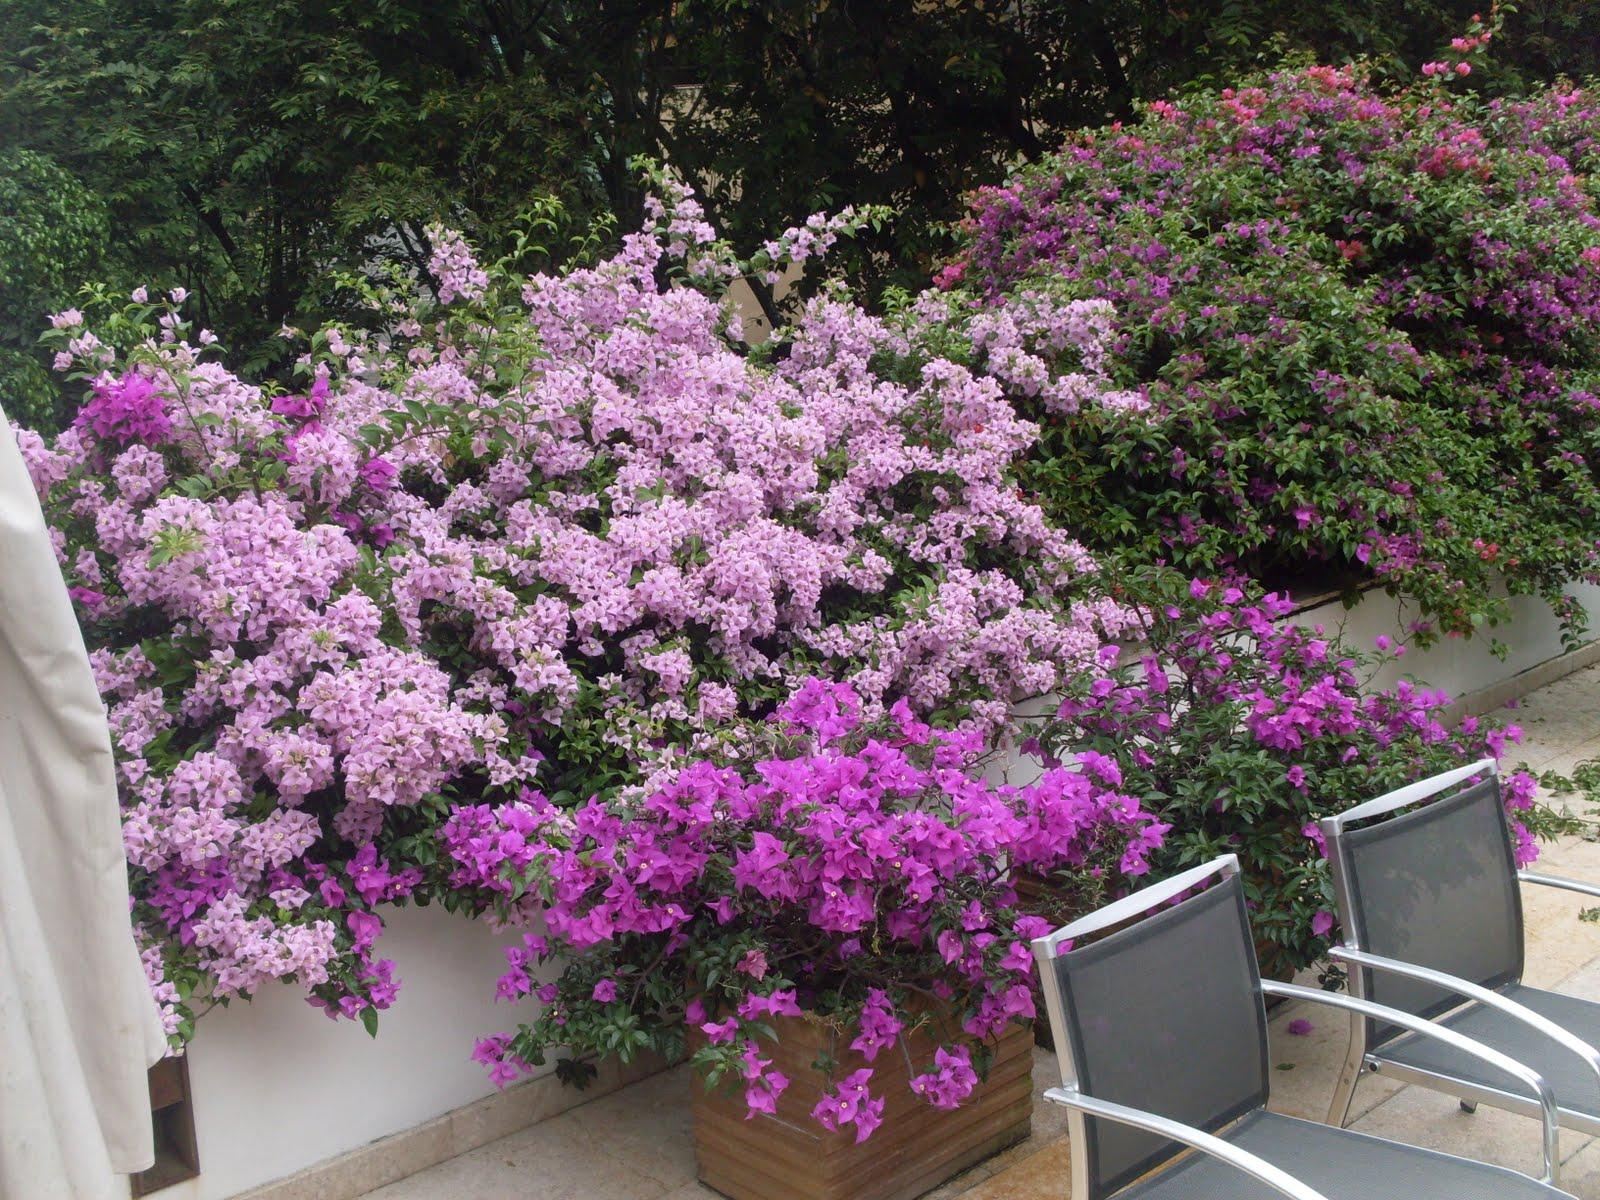 Lotos paisajismo medio ambiente mantenimiento de jardines for Mantenimiento de jardines